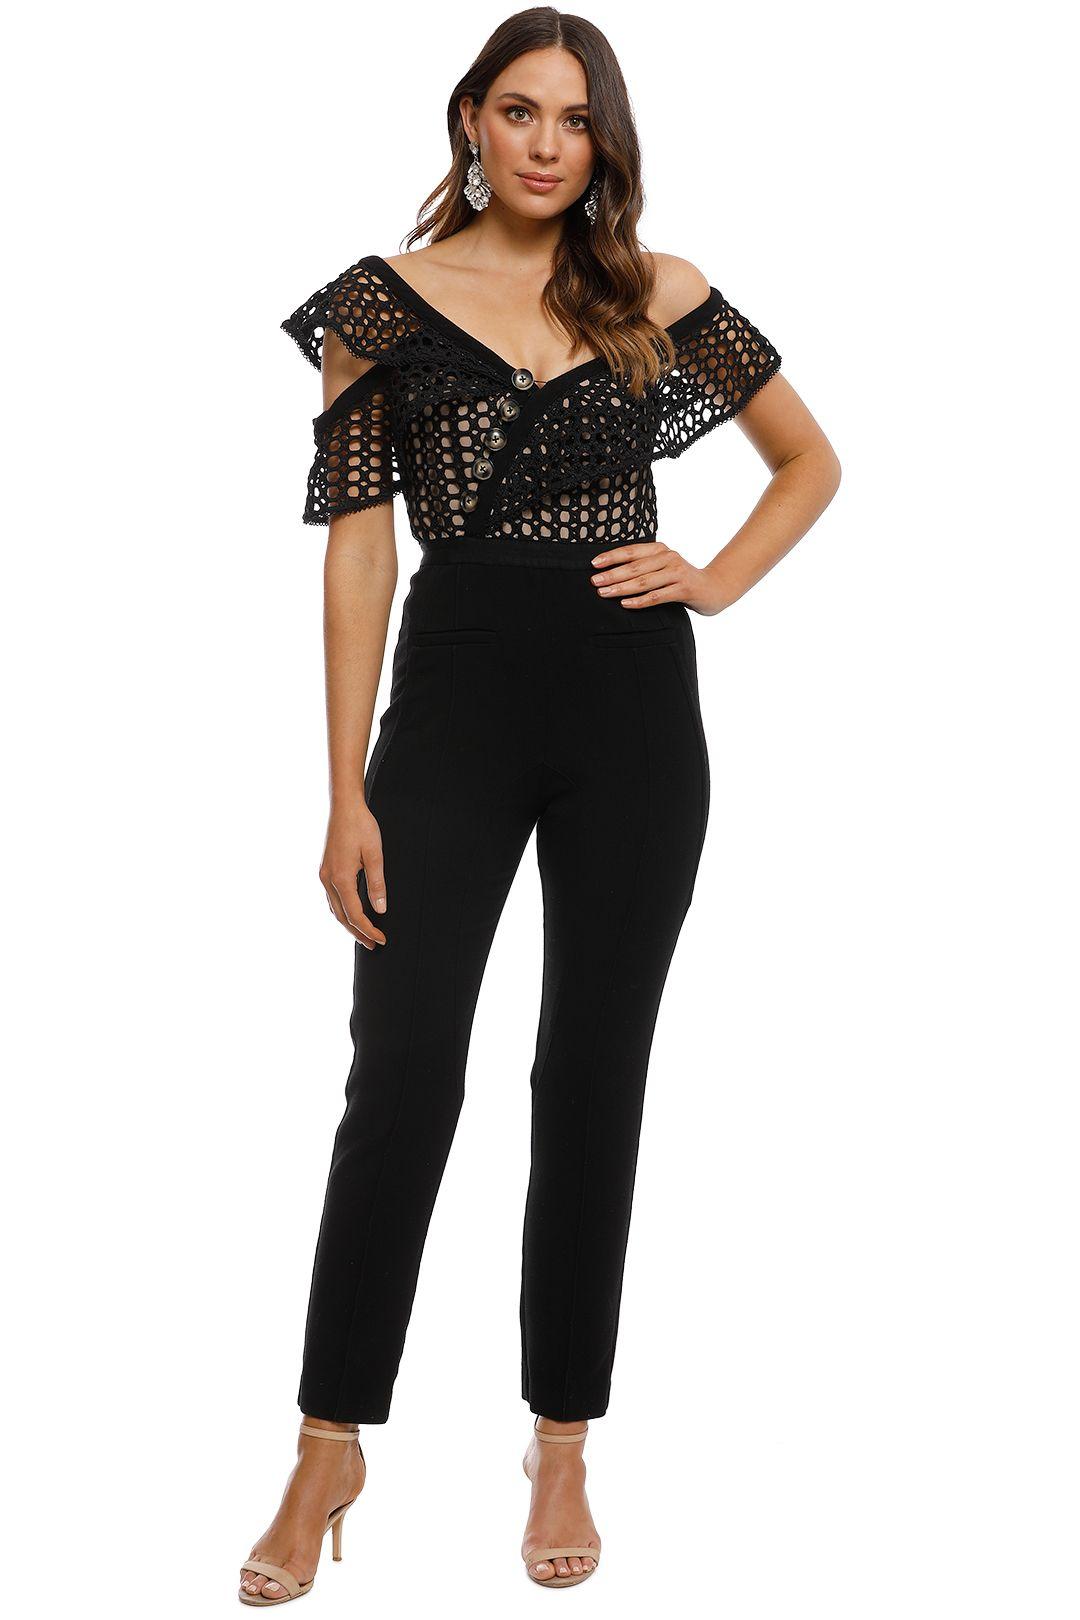 Self Portrait - Lace Frill Jumpsuit - Black - Front